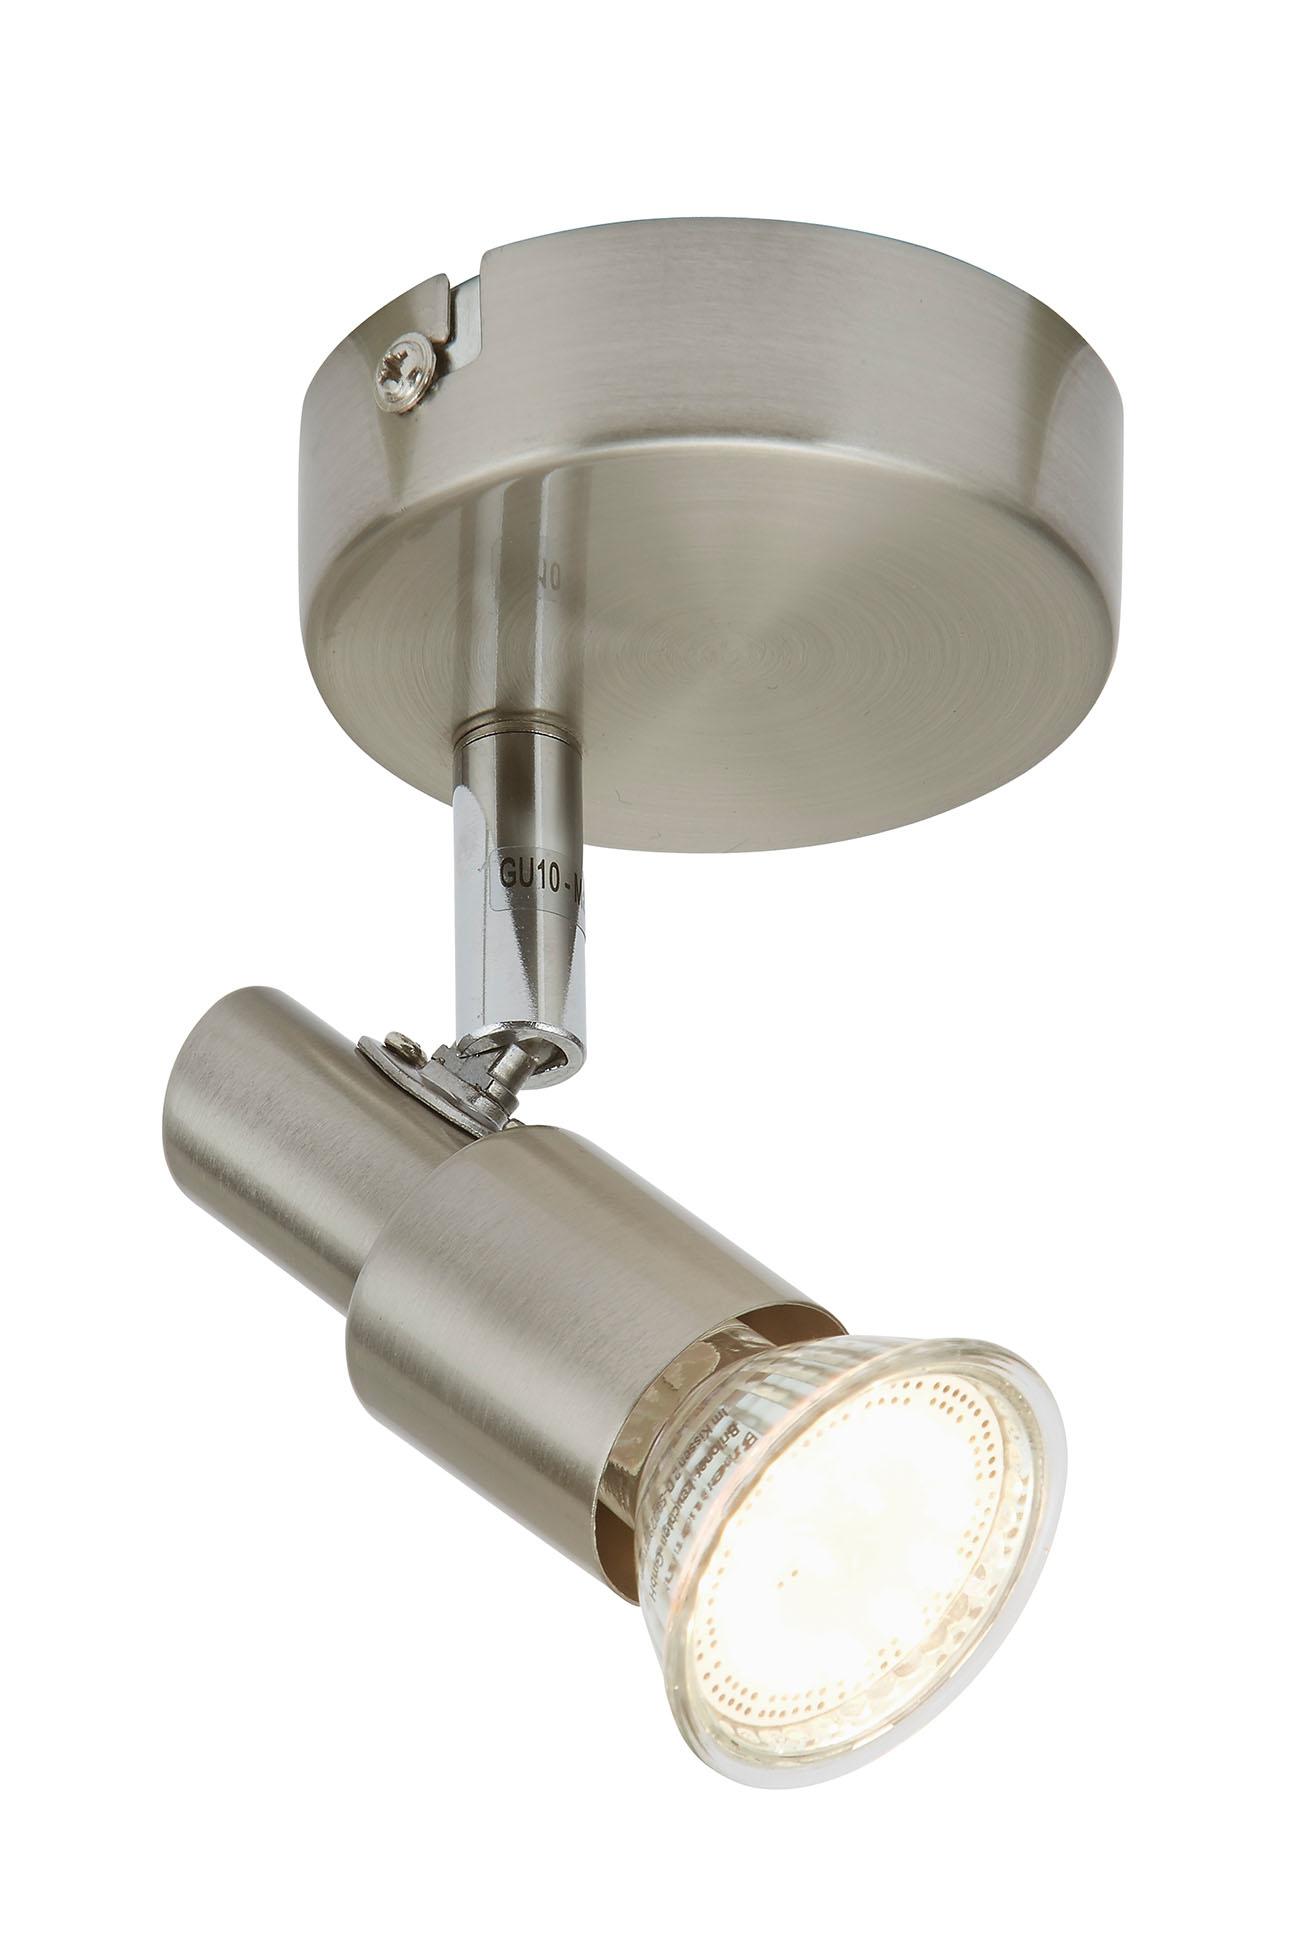 LED Spot Wandleuchte, Ø 8 cm, 3 W, Matt-Nickel